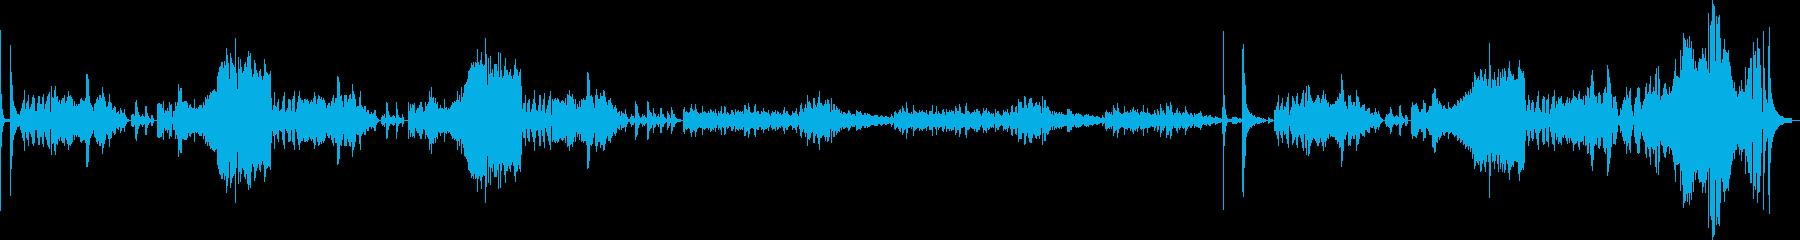 ショパンならではの感動的な一曲ですの再生済みの波形